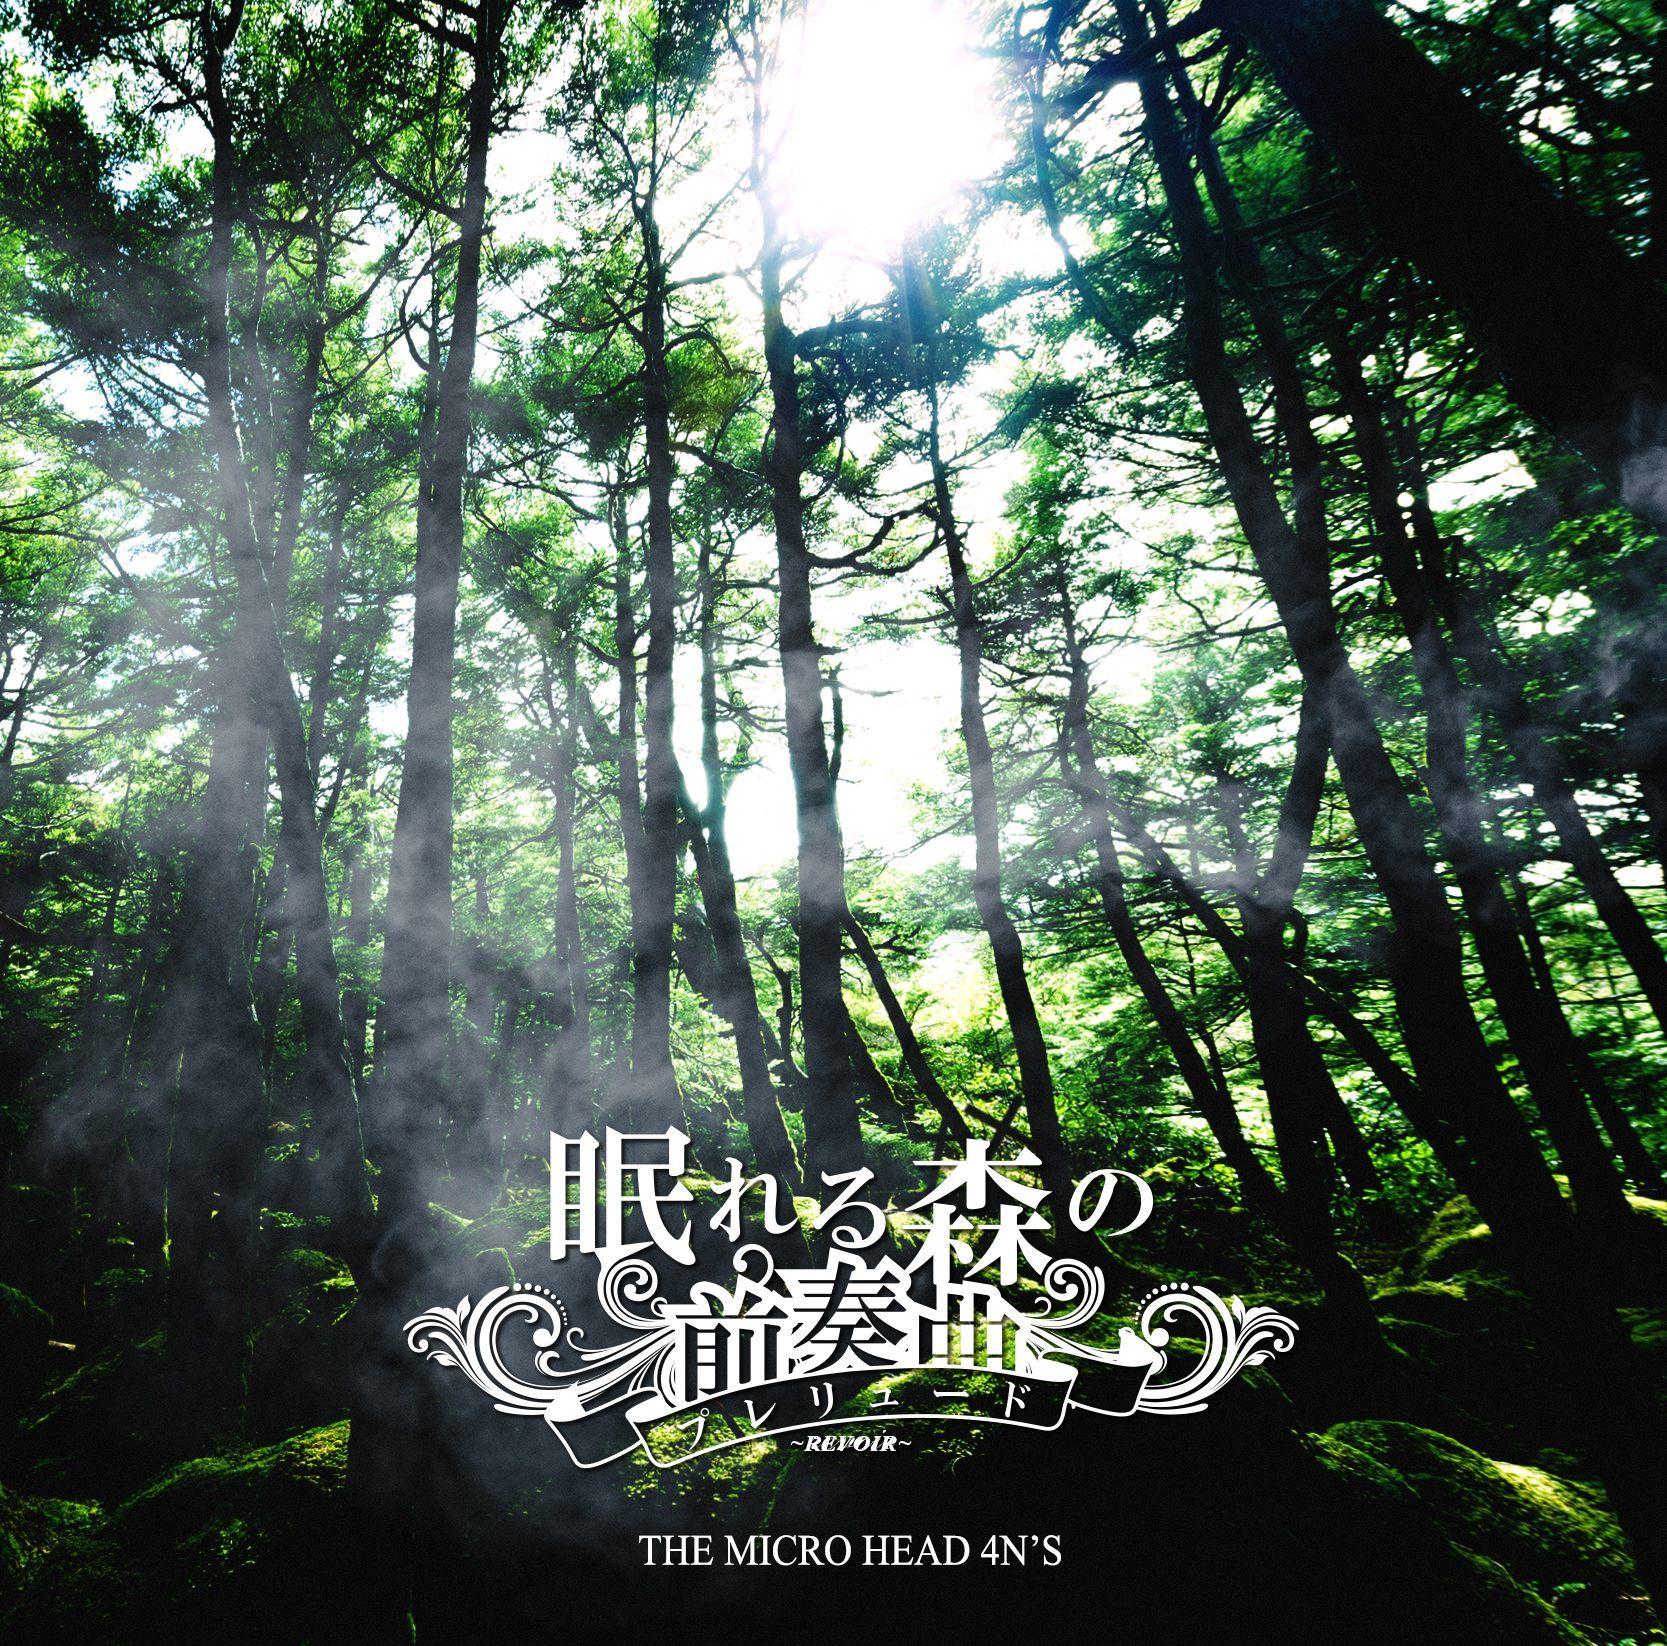 「眠れる森の前奏曲 ~REVOIR~」